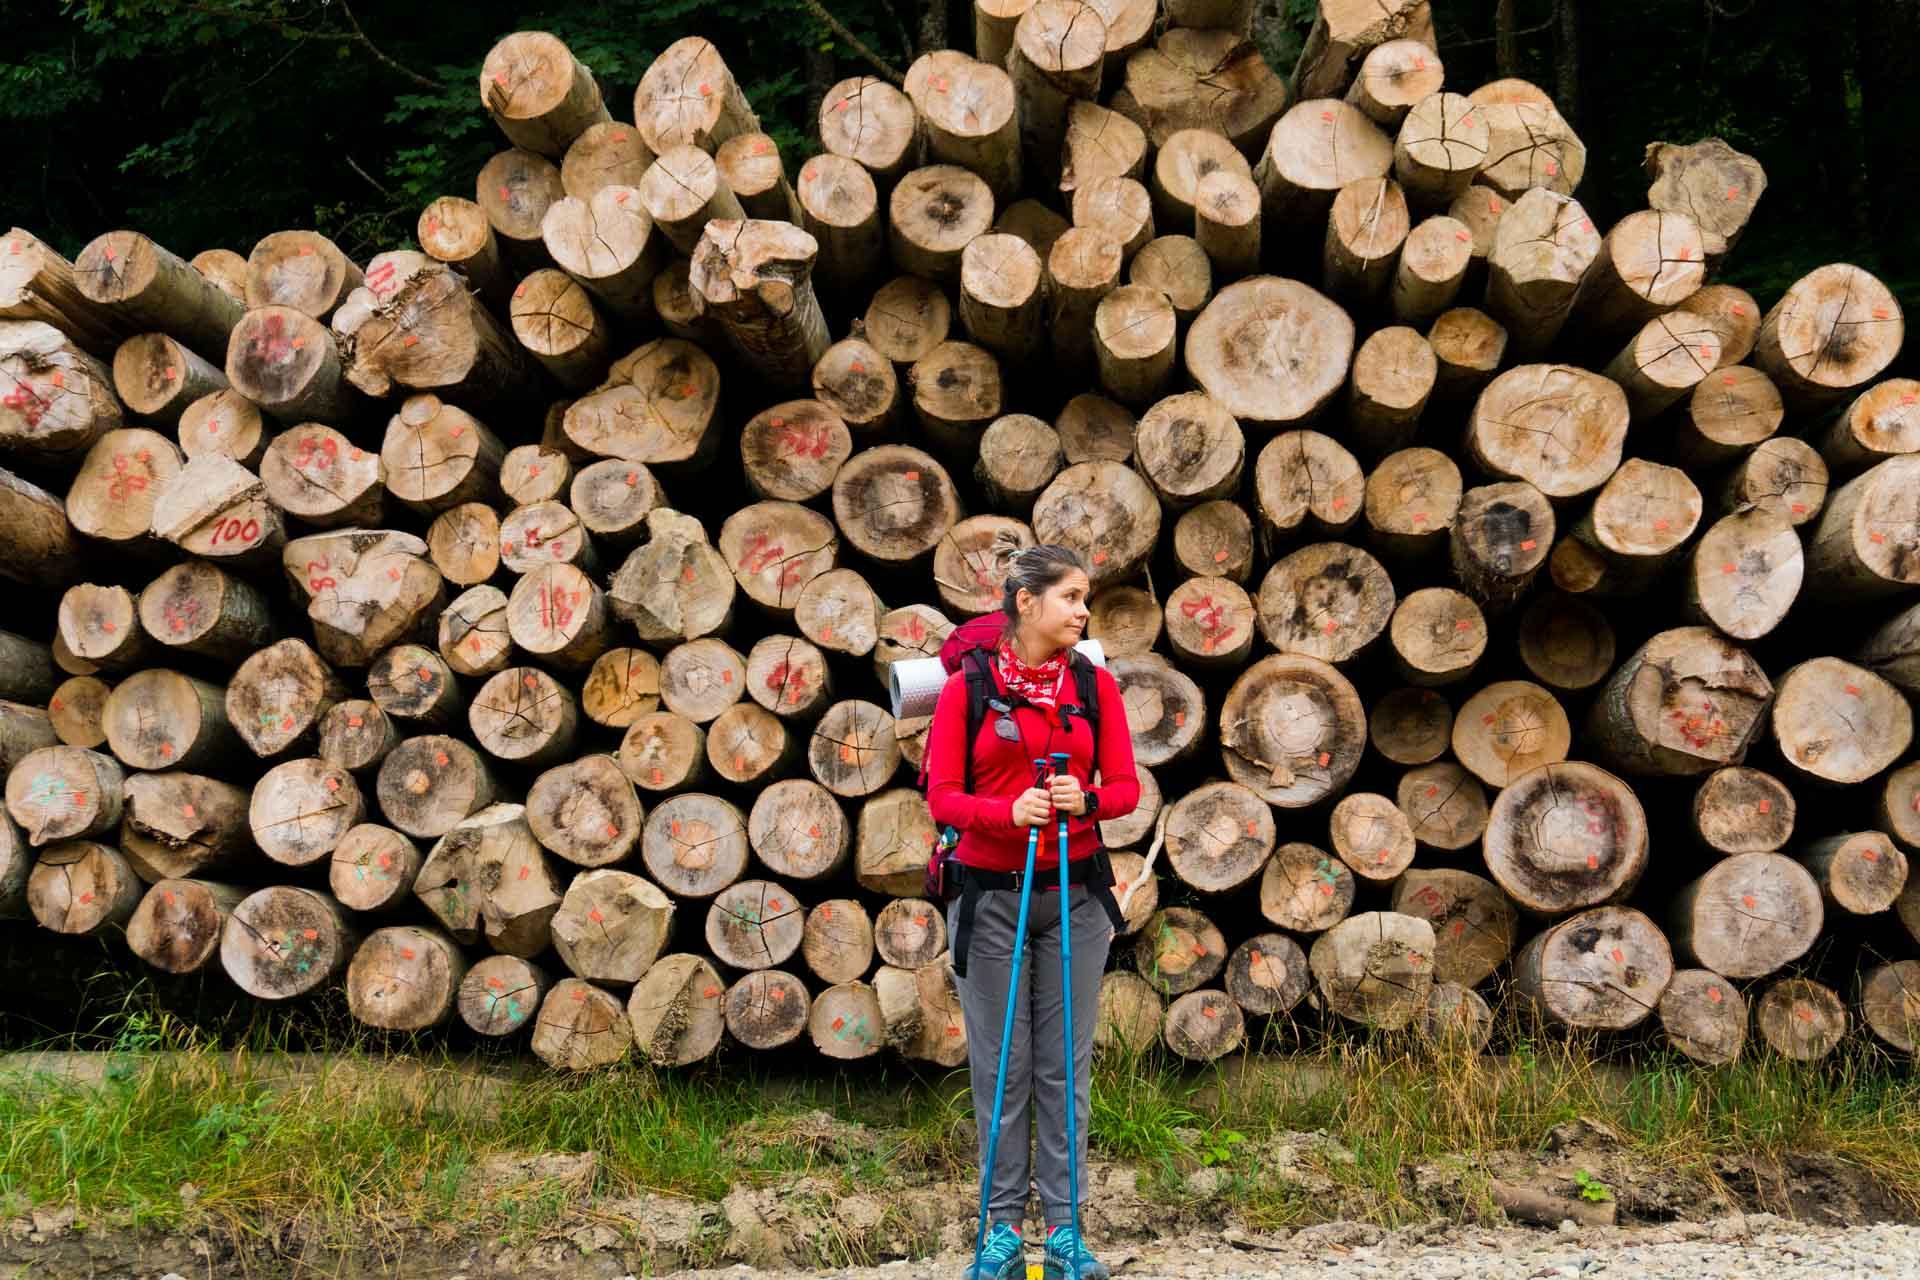 Mica being mică în fața unei recolte de lemne